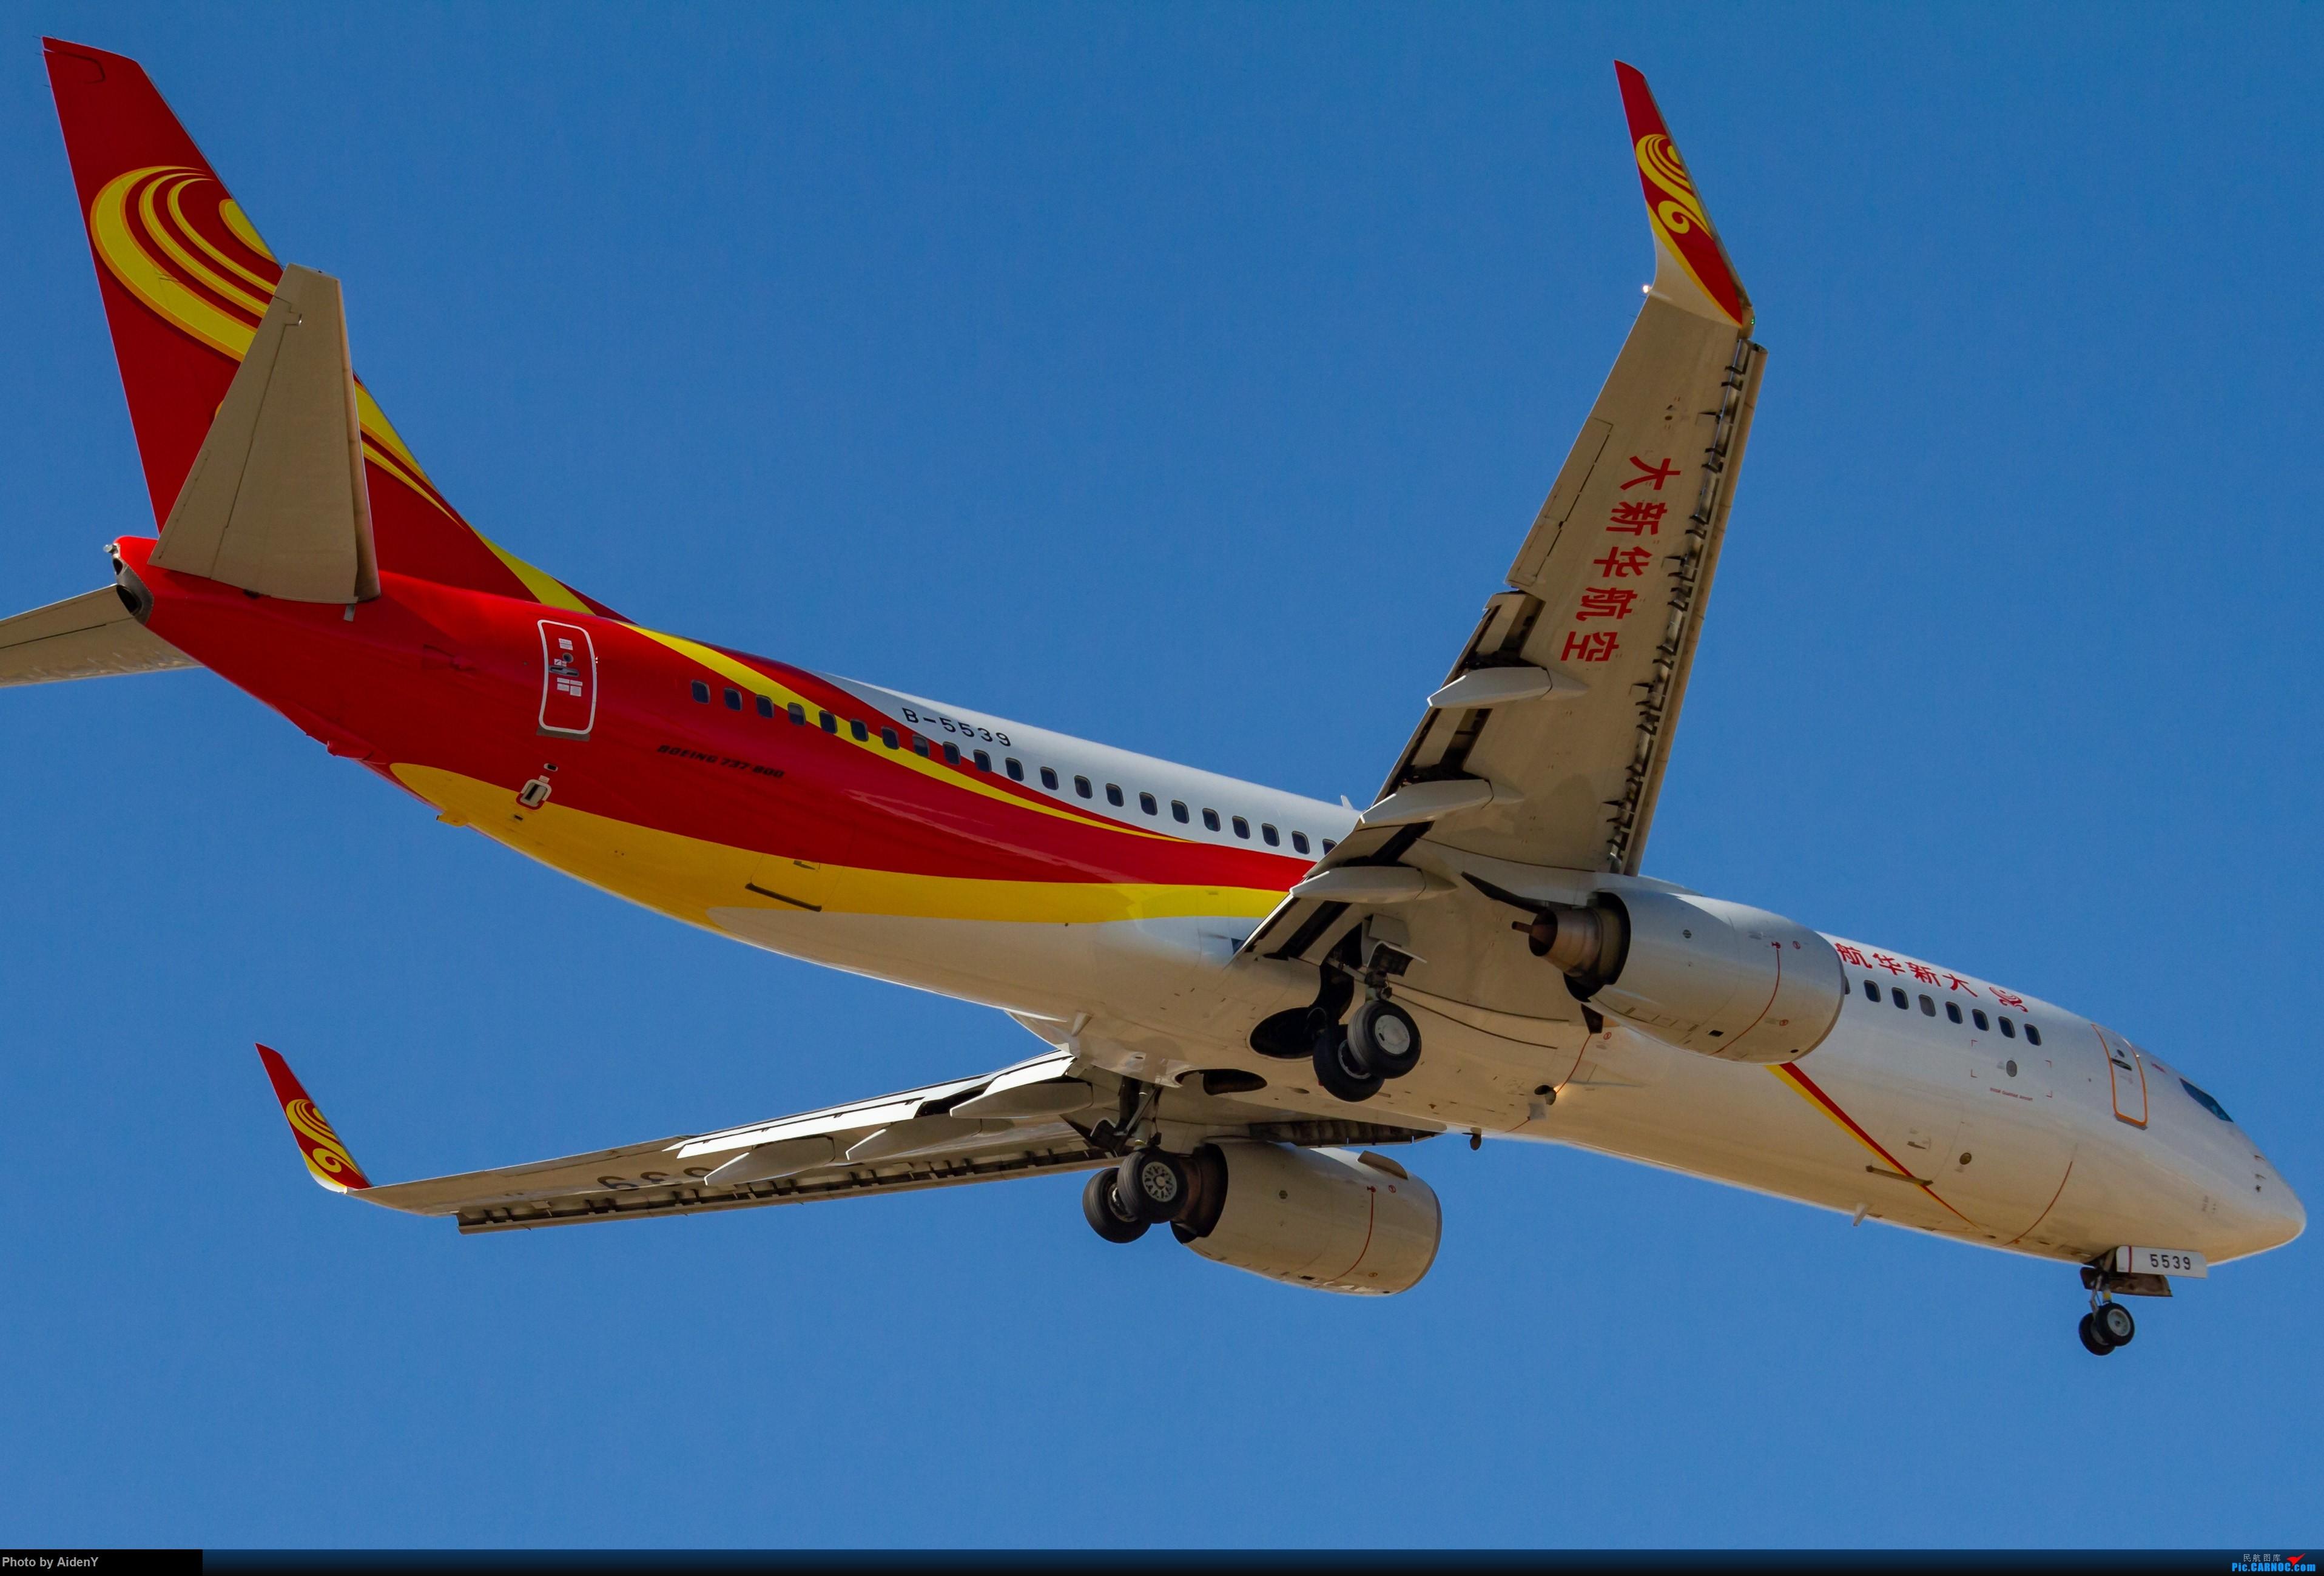 Re:[原创]「1月21日」首都蓝天——还是有的 BOEING 737-800 B-5539 中国北京首都国际机场